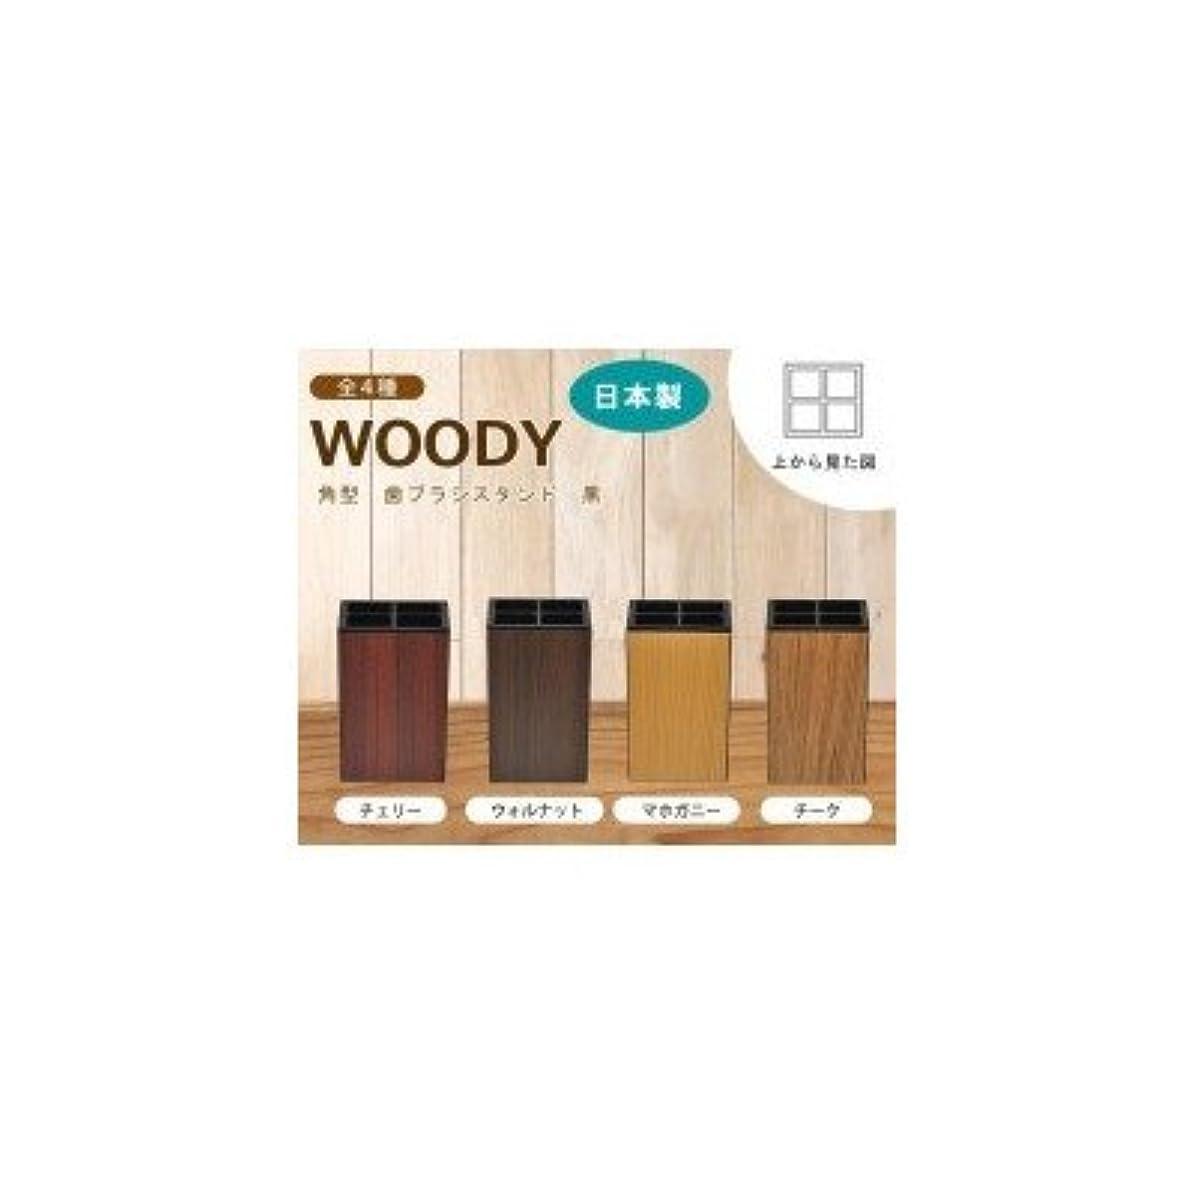 注釈収まるゼリー日本製 WOODY ウッディ 角型 歯ブラシスタンド 黒 ウォルナット?13-450345( 画像はイメージ画像です お届けの商品はウォルナット?13-450345のみとなります)